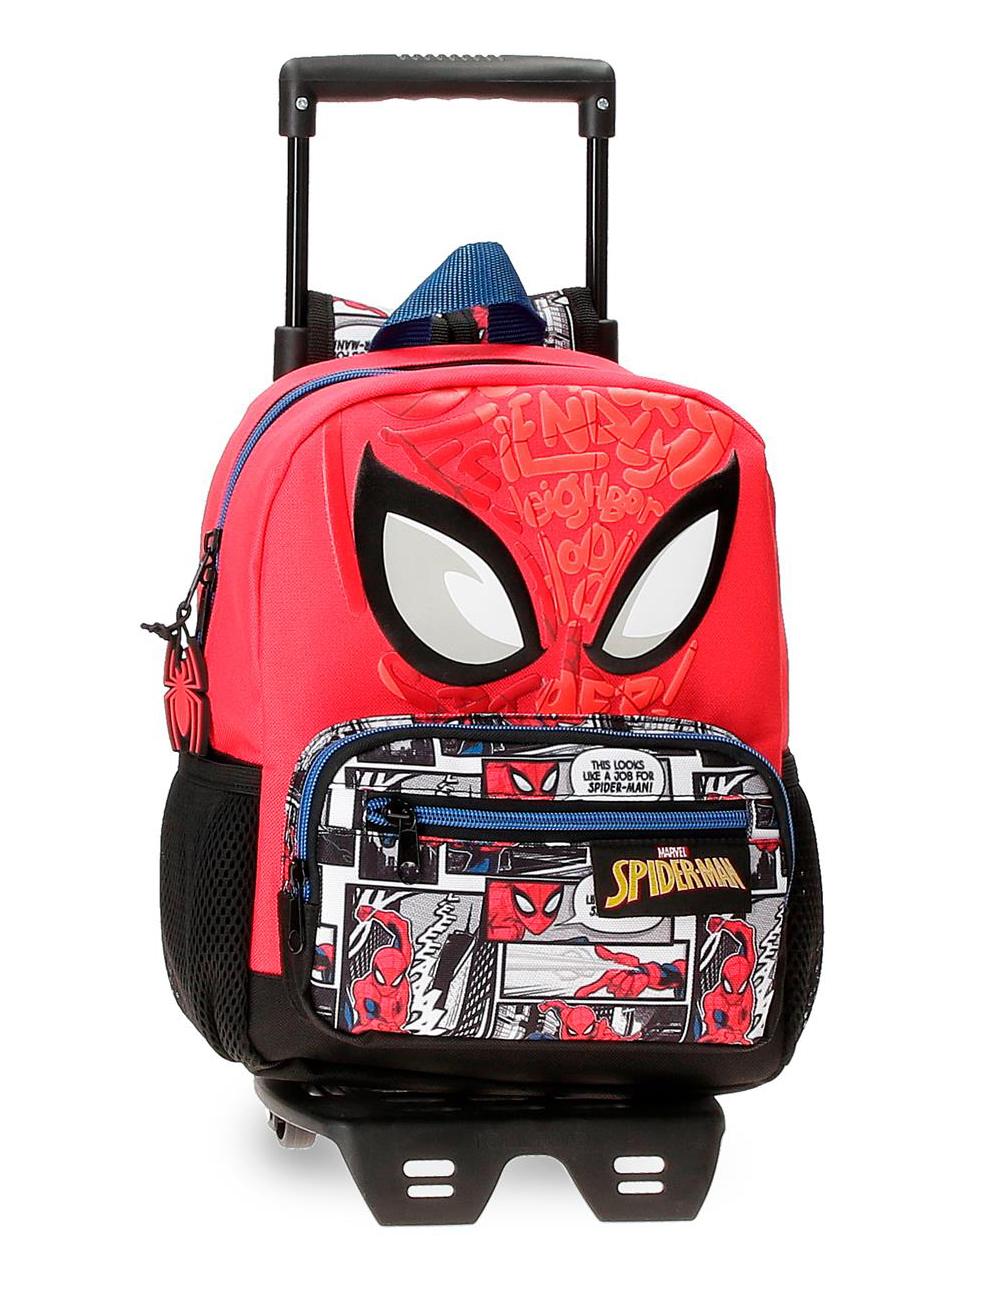 22521T1 Mochila 28cm con Ruedas Spiderman Comic